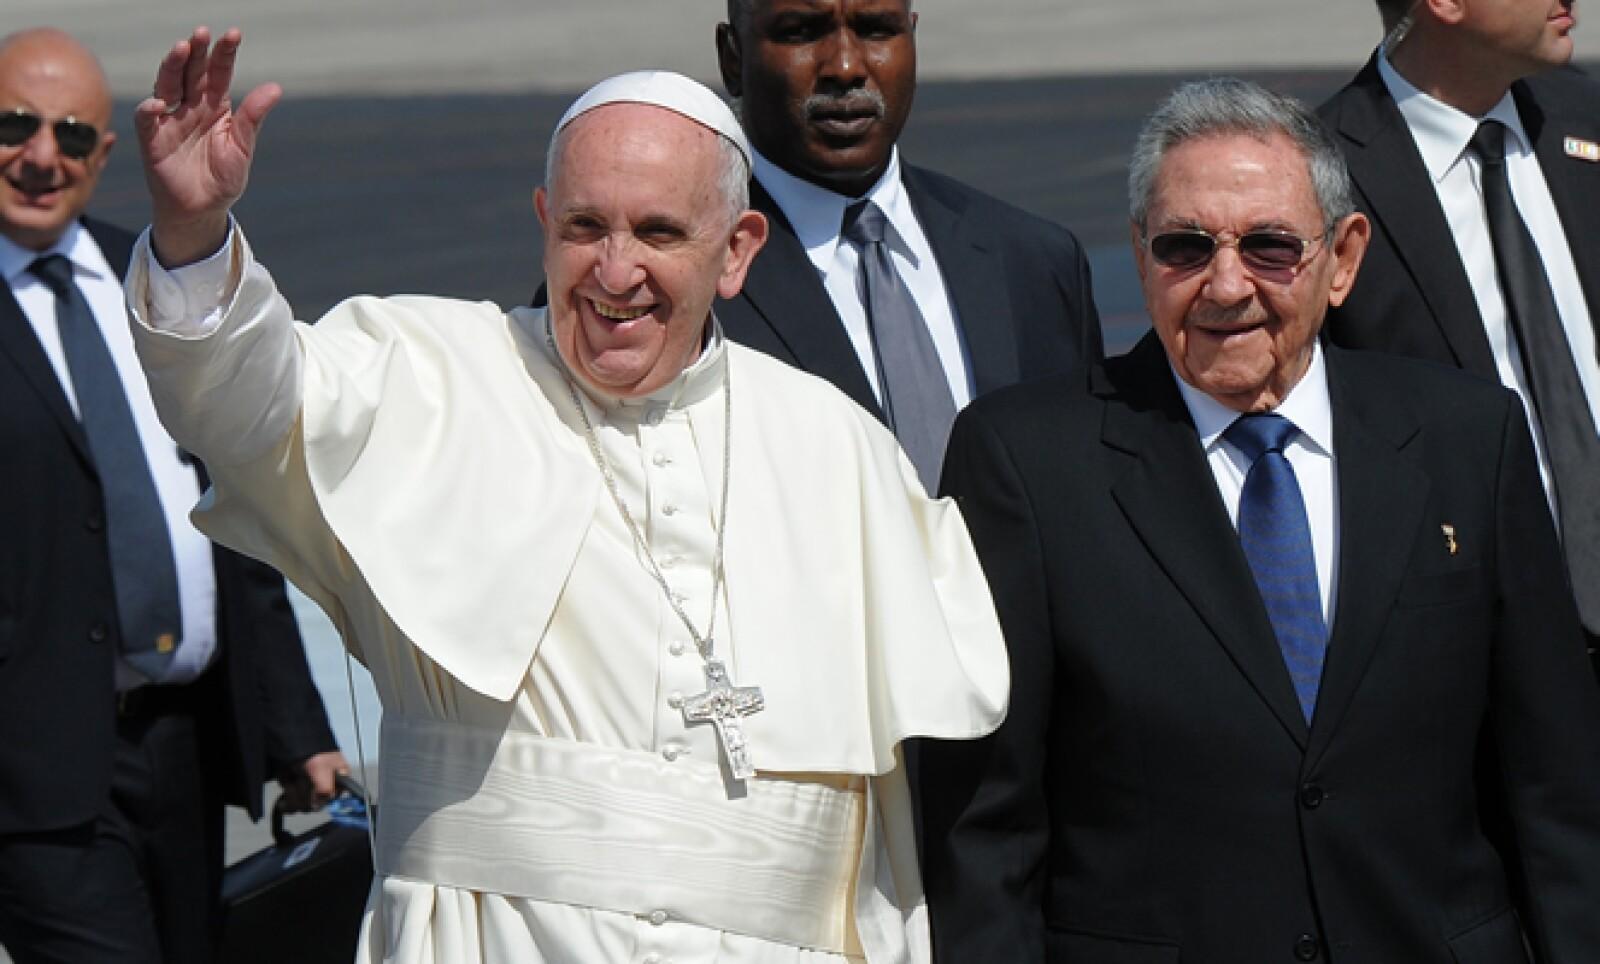 El pontífice fue recibido por el mandatario Raúl Castro a su llegada a suelo cubano.